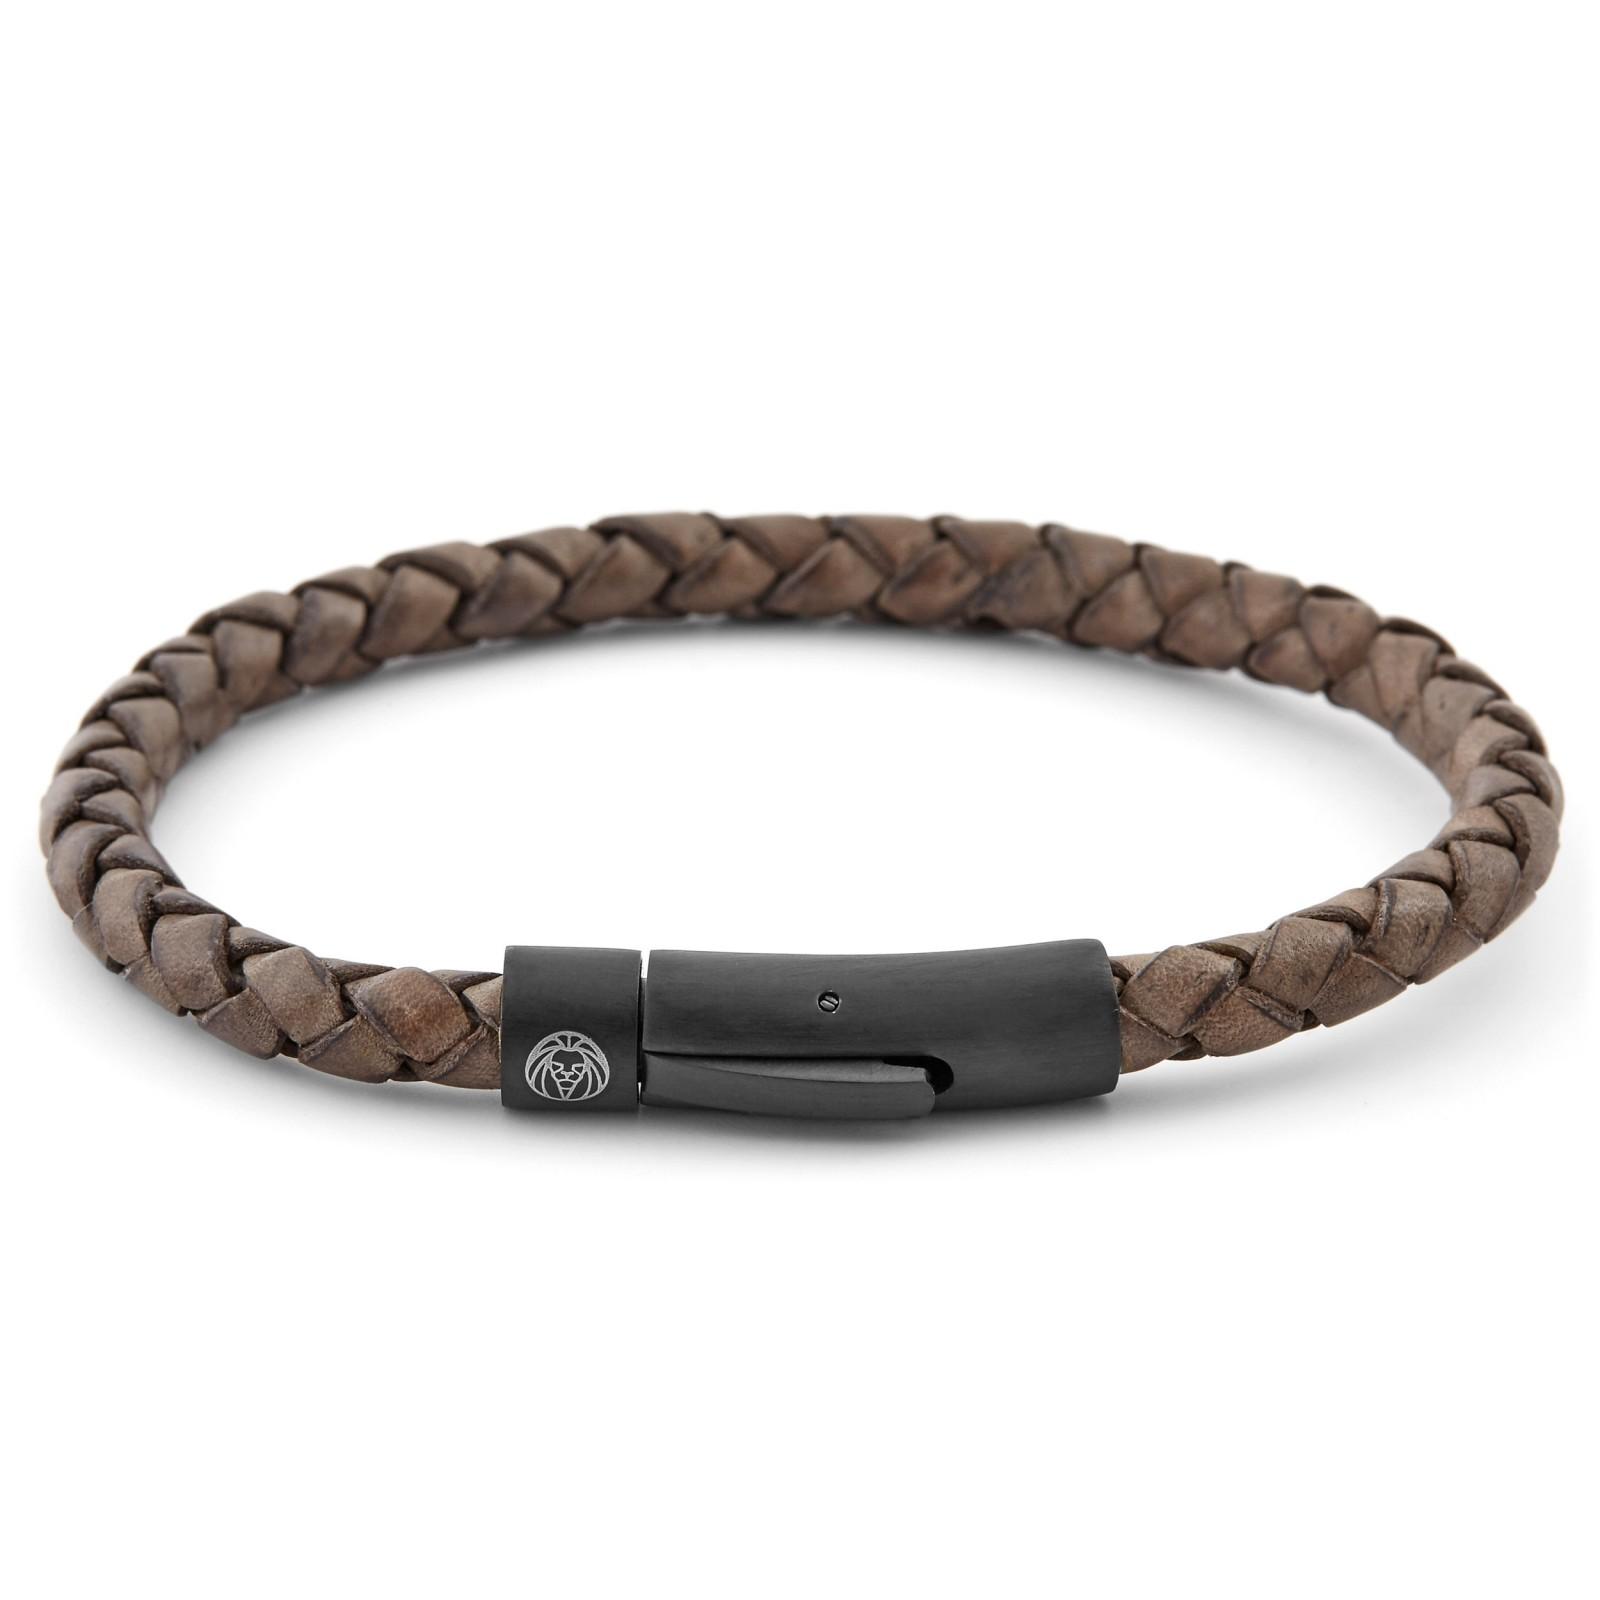 pulsera-de-piel-marron-y-negro-lucleon-31